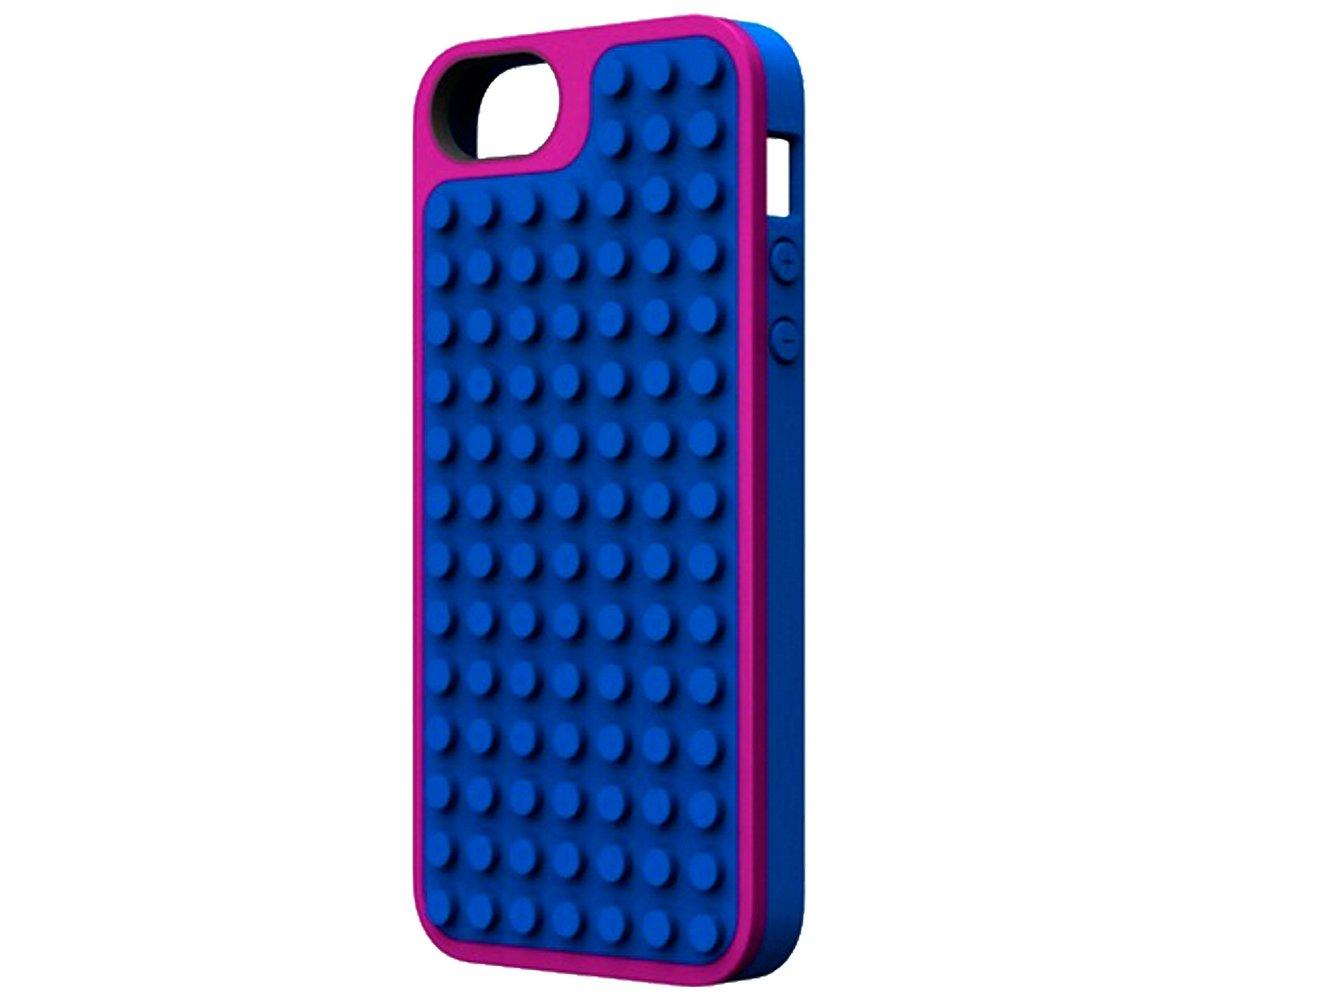 Belkin Brand iPhone 5 Case Pink/Violet